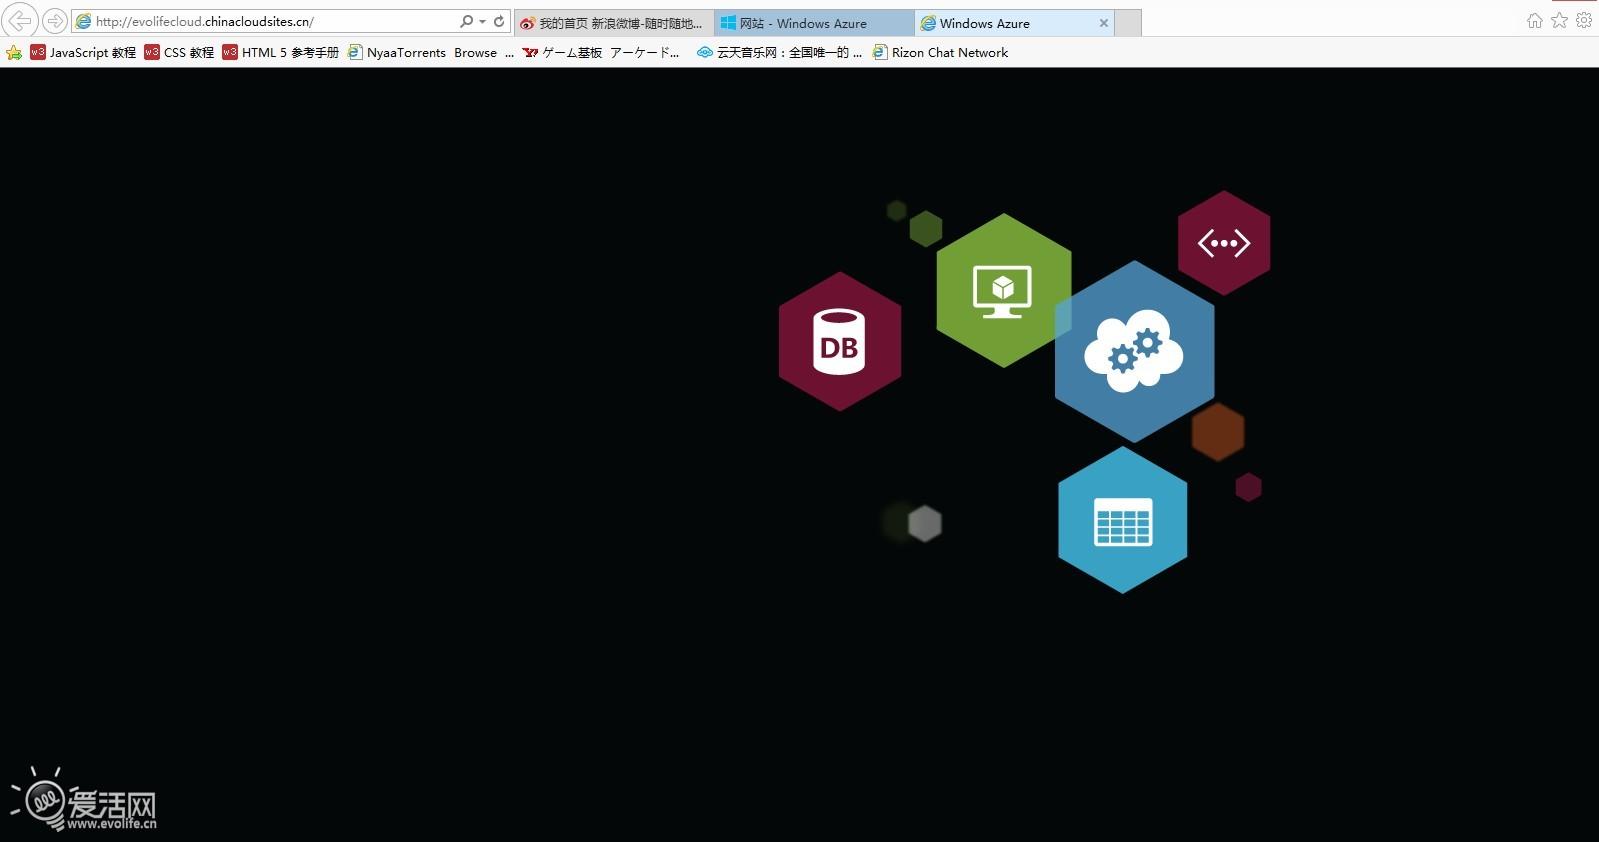 azure sdk网络安装包,配合webmatrix来一个搭建wordpress博客站点.